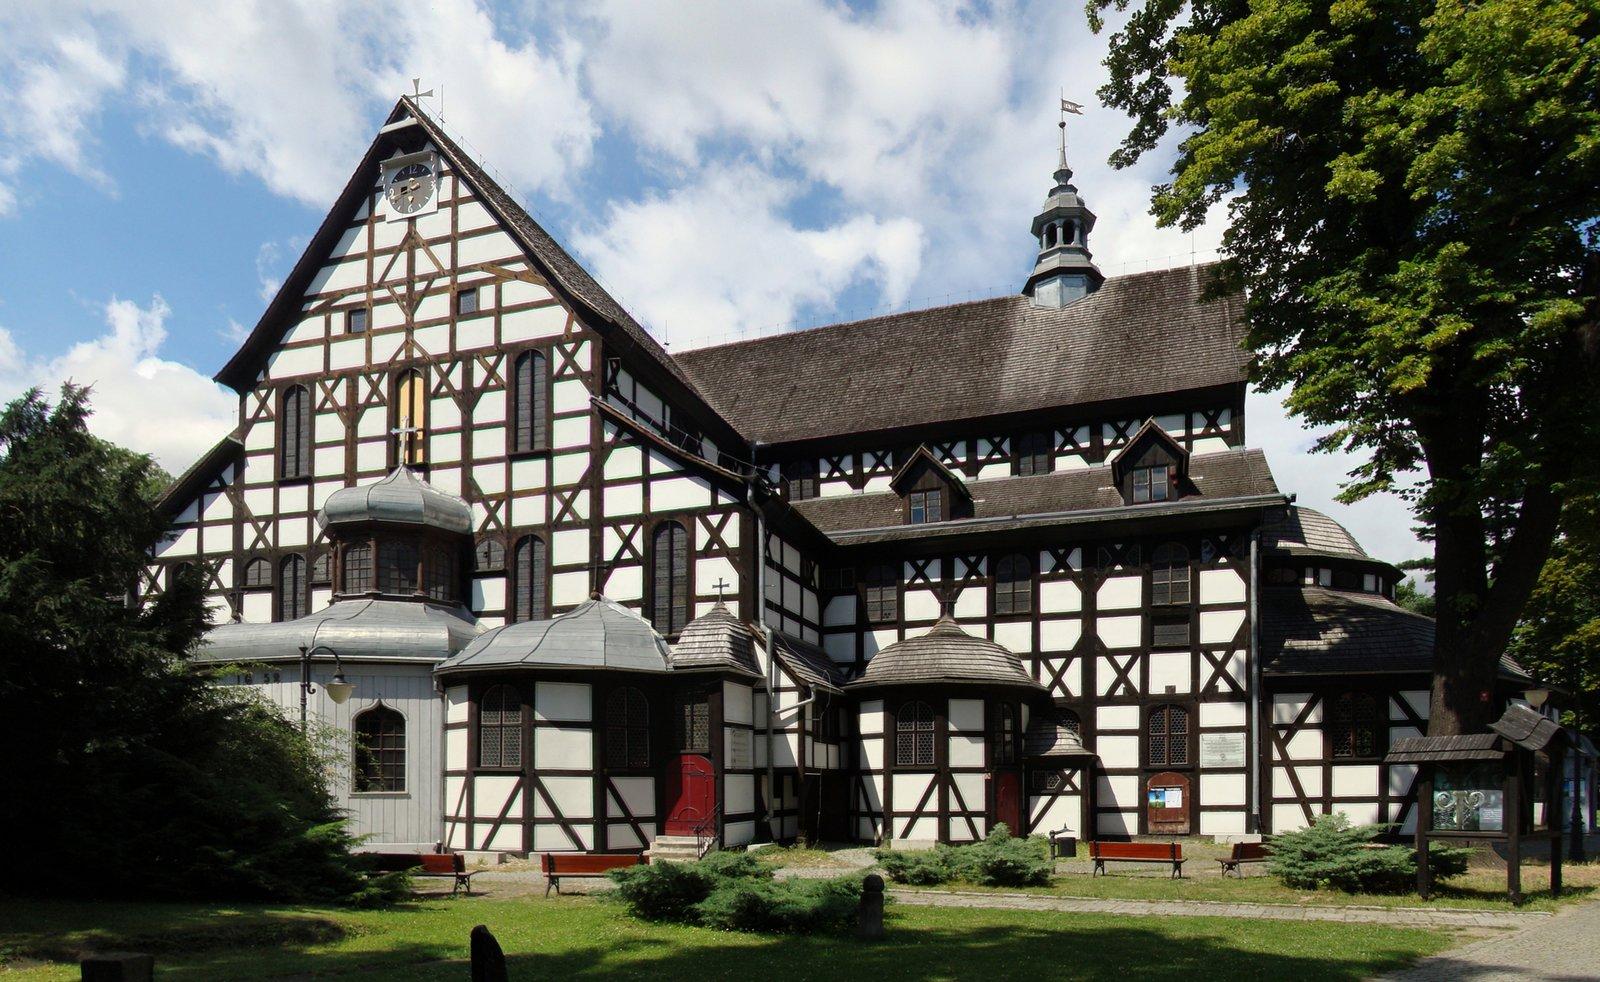 Kościół Pokoju pw. Trójcy Świętej wŚwidnicy– zabytkowy budynek sakralny wybudowany na mocy porozumieńtraktatu westfalskiego, zawartego w1648ikończącegowojnę trzydziestoletnią. Od 2001 roku wpisany jest na listę światowego dziedzictwaUNESCO.